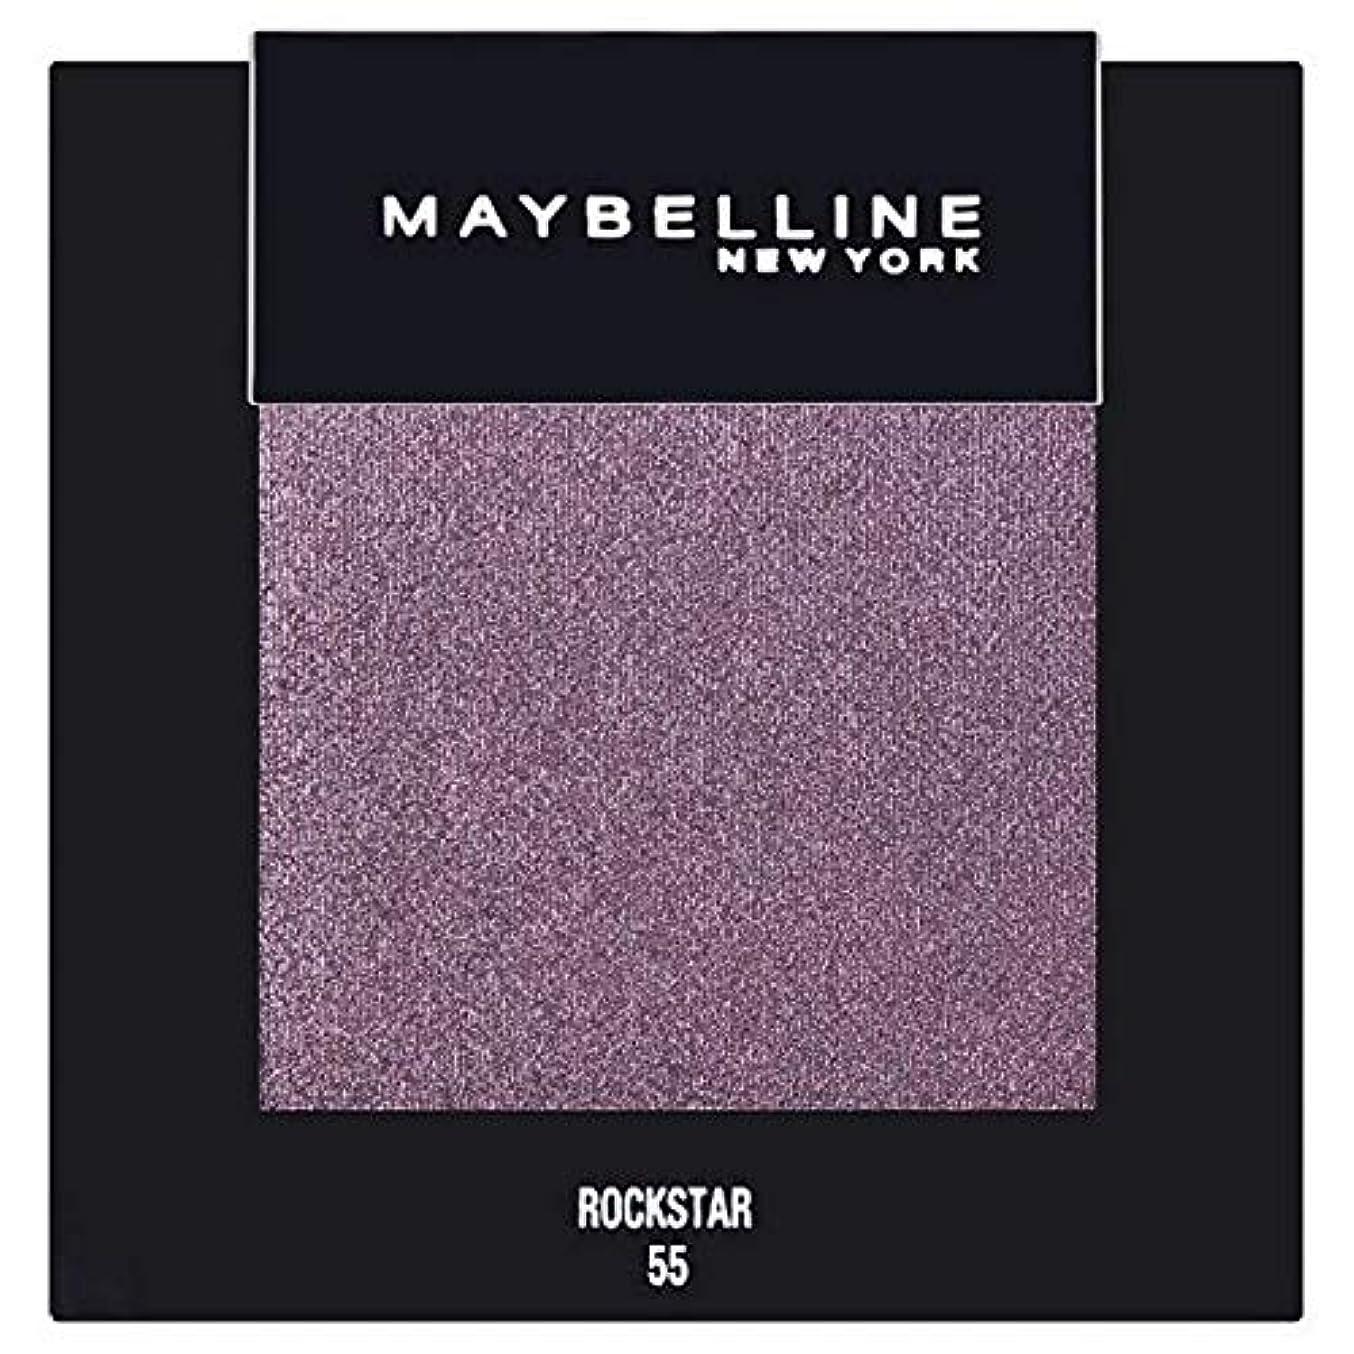 最初はワイン要件[Maybelline ] メイベリンカラーショーシングルアイシャドウ55ロックスター - Maybelline Color Show Single Eyeshadow 55 Rockstar [並行輸入品]